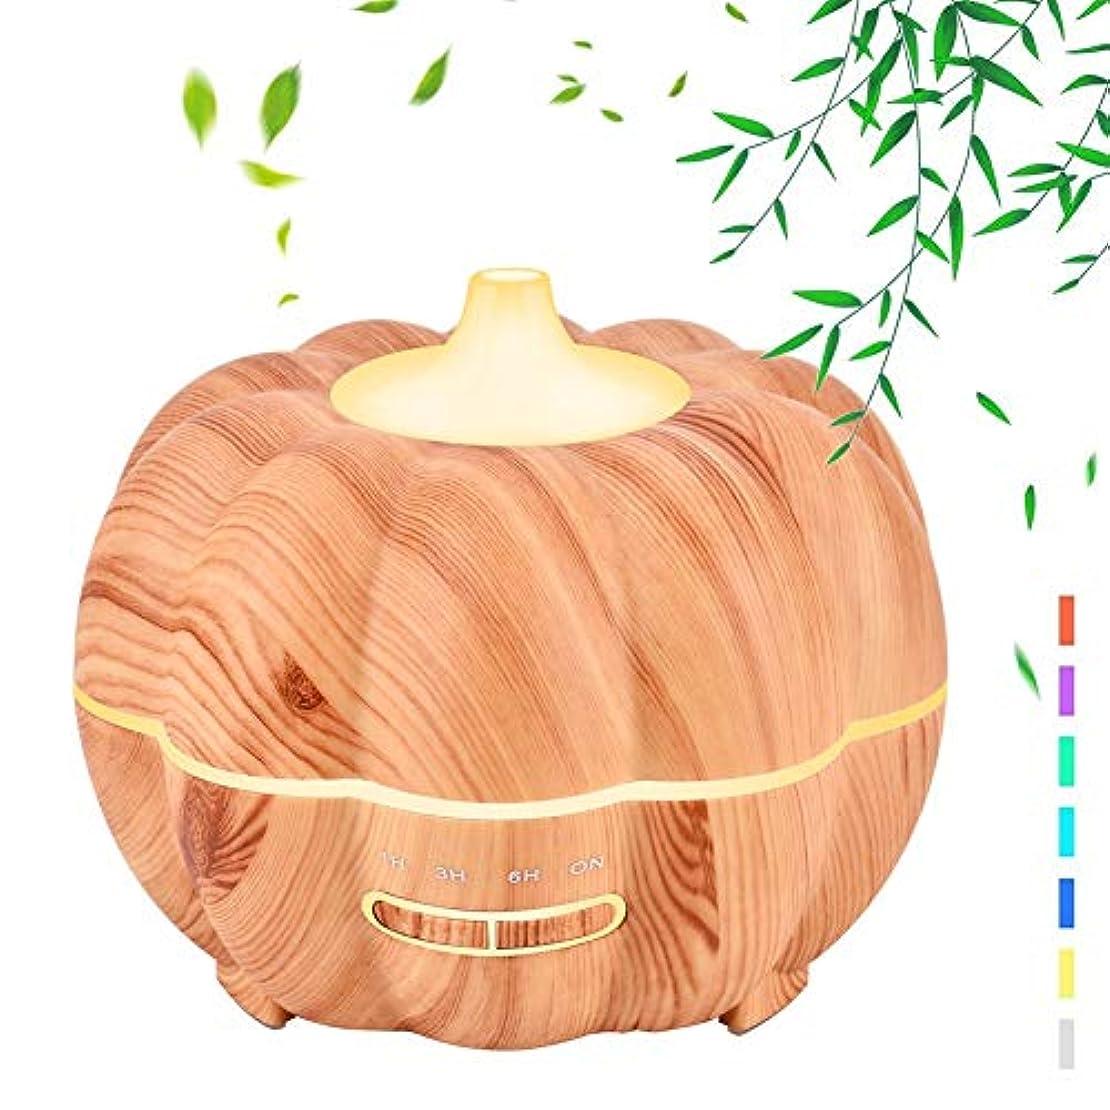 短命表向き弱める300ミリリットル木材穀物エッセンシャルオイルディフューザー、加湿器超音波アロマセラピーアロマセラピーディフューザー加湿器、静かな操作、7色フレグランスランプ、ホームオフィス用ヨガスパ,Lightwoodgrain